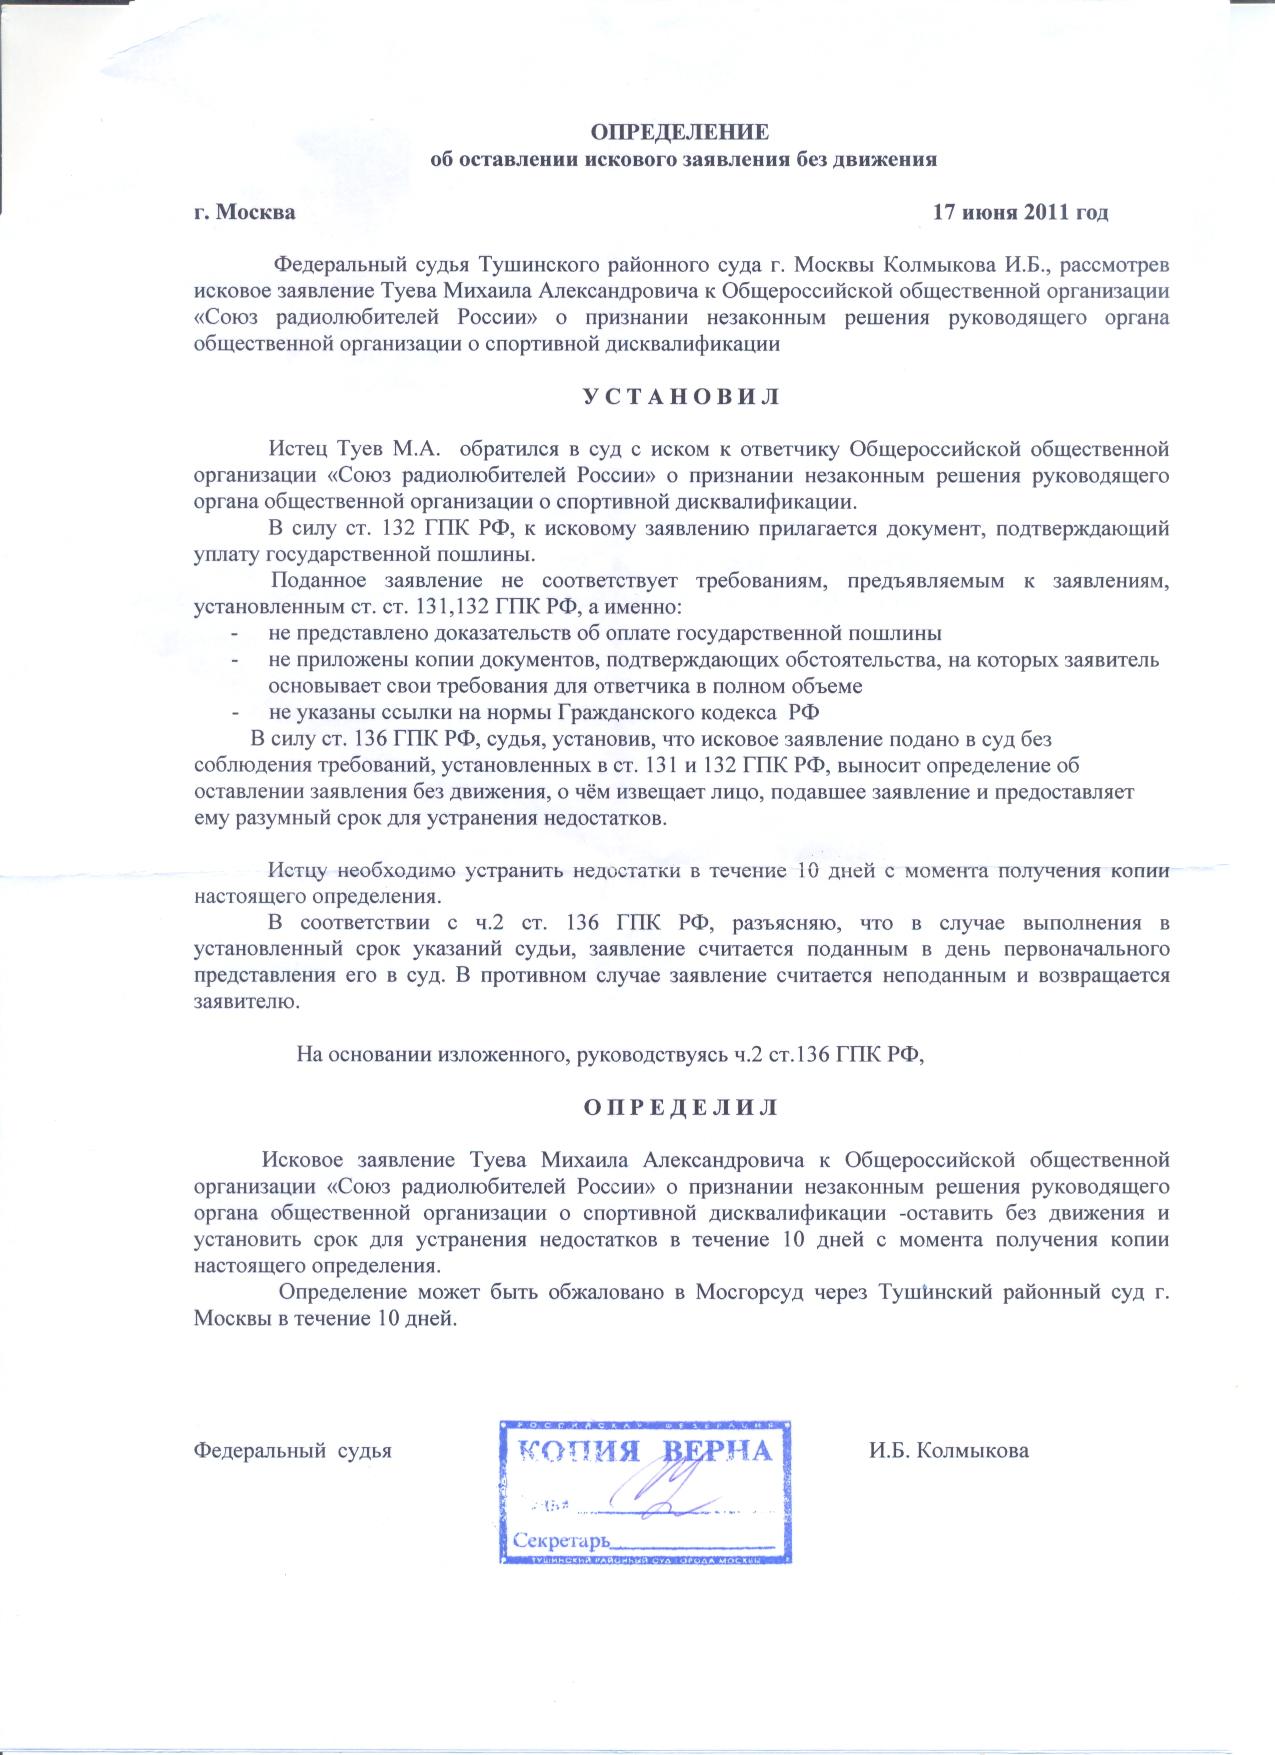 сопроводительное письмо в суд об устранении недостатков